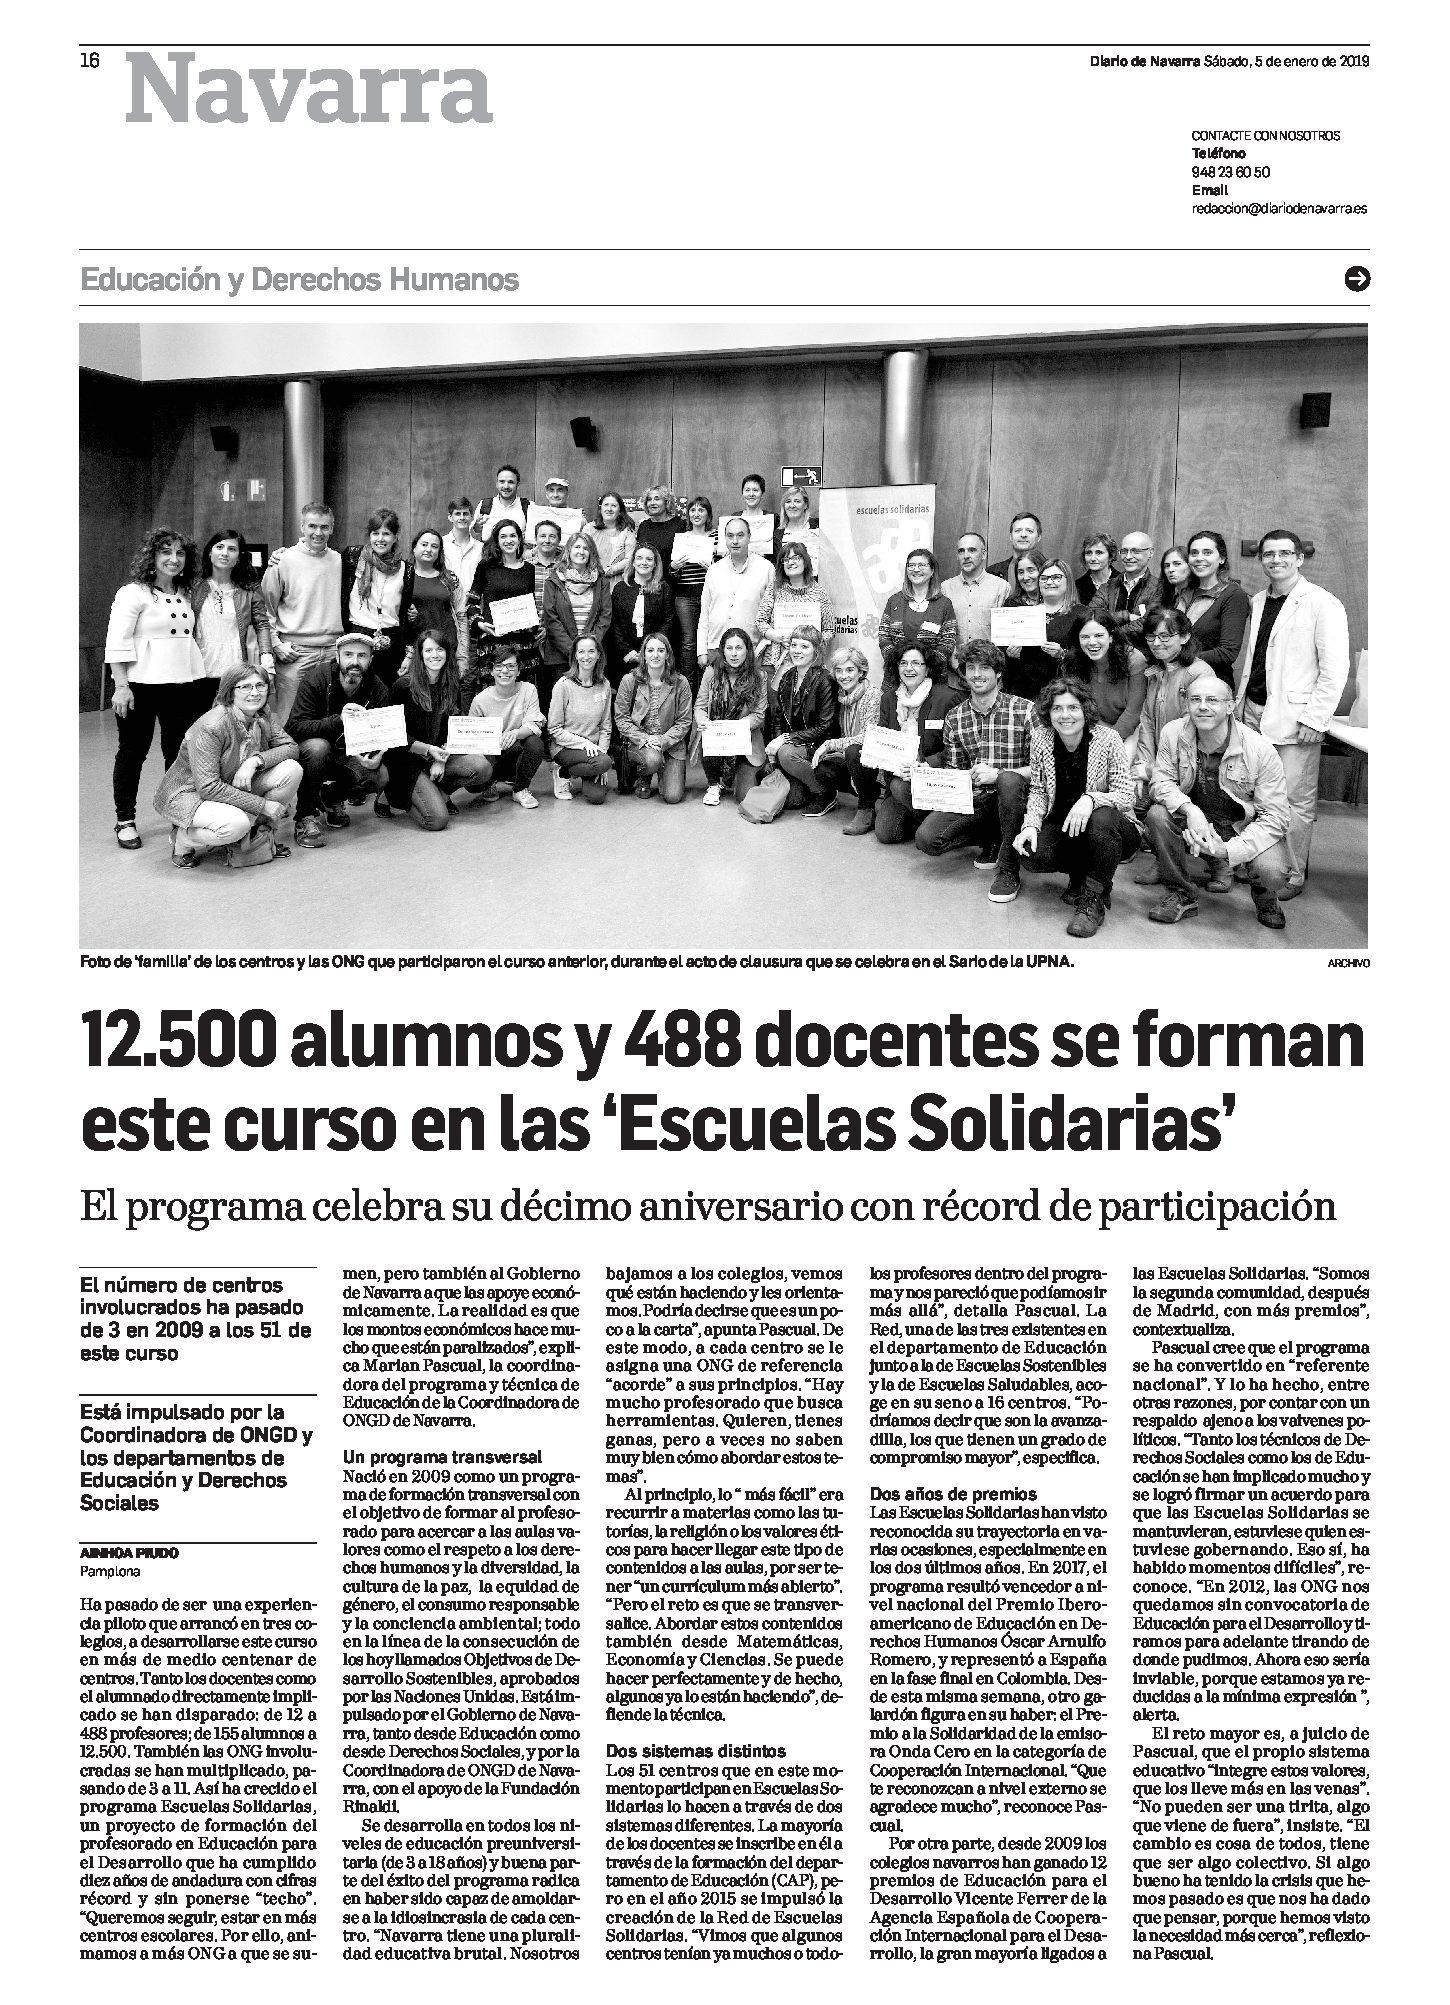 10 años de Escuelas Solidarias en Diario de Navarra